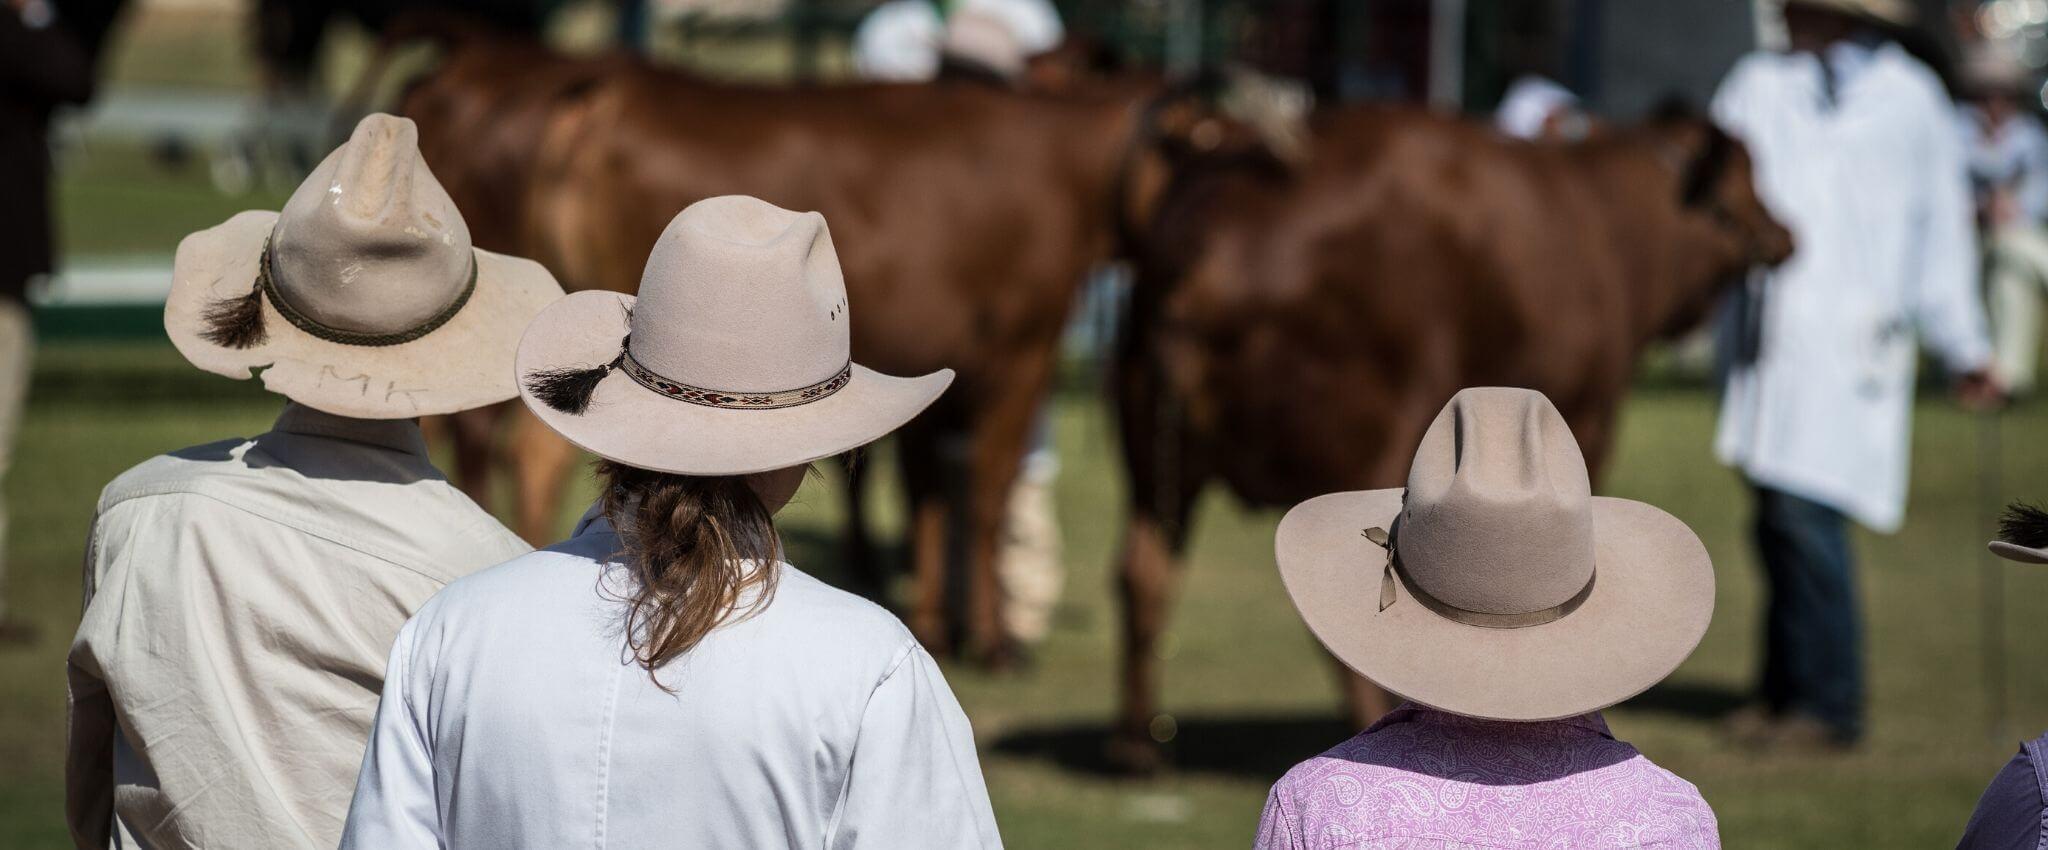 4-H Livestock show fair